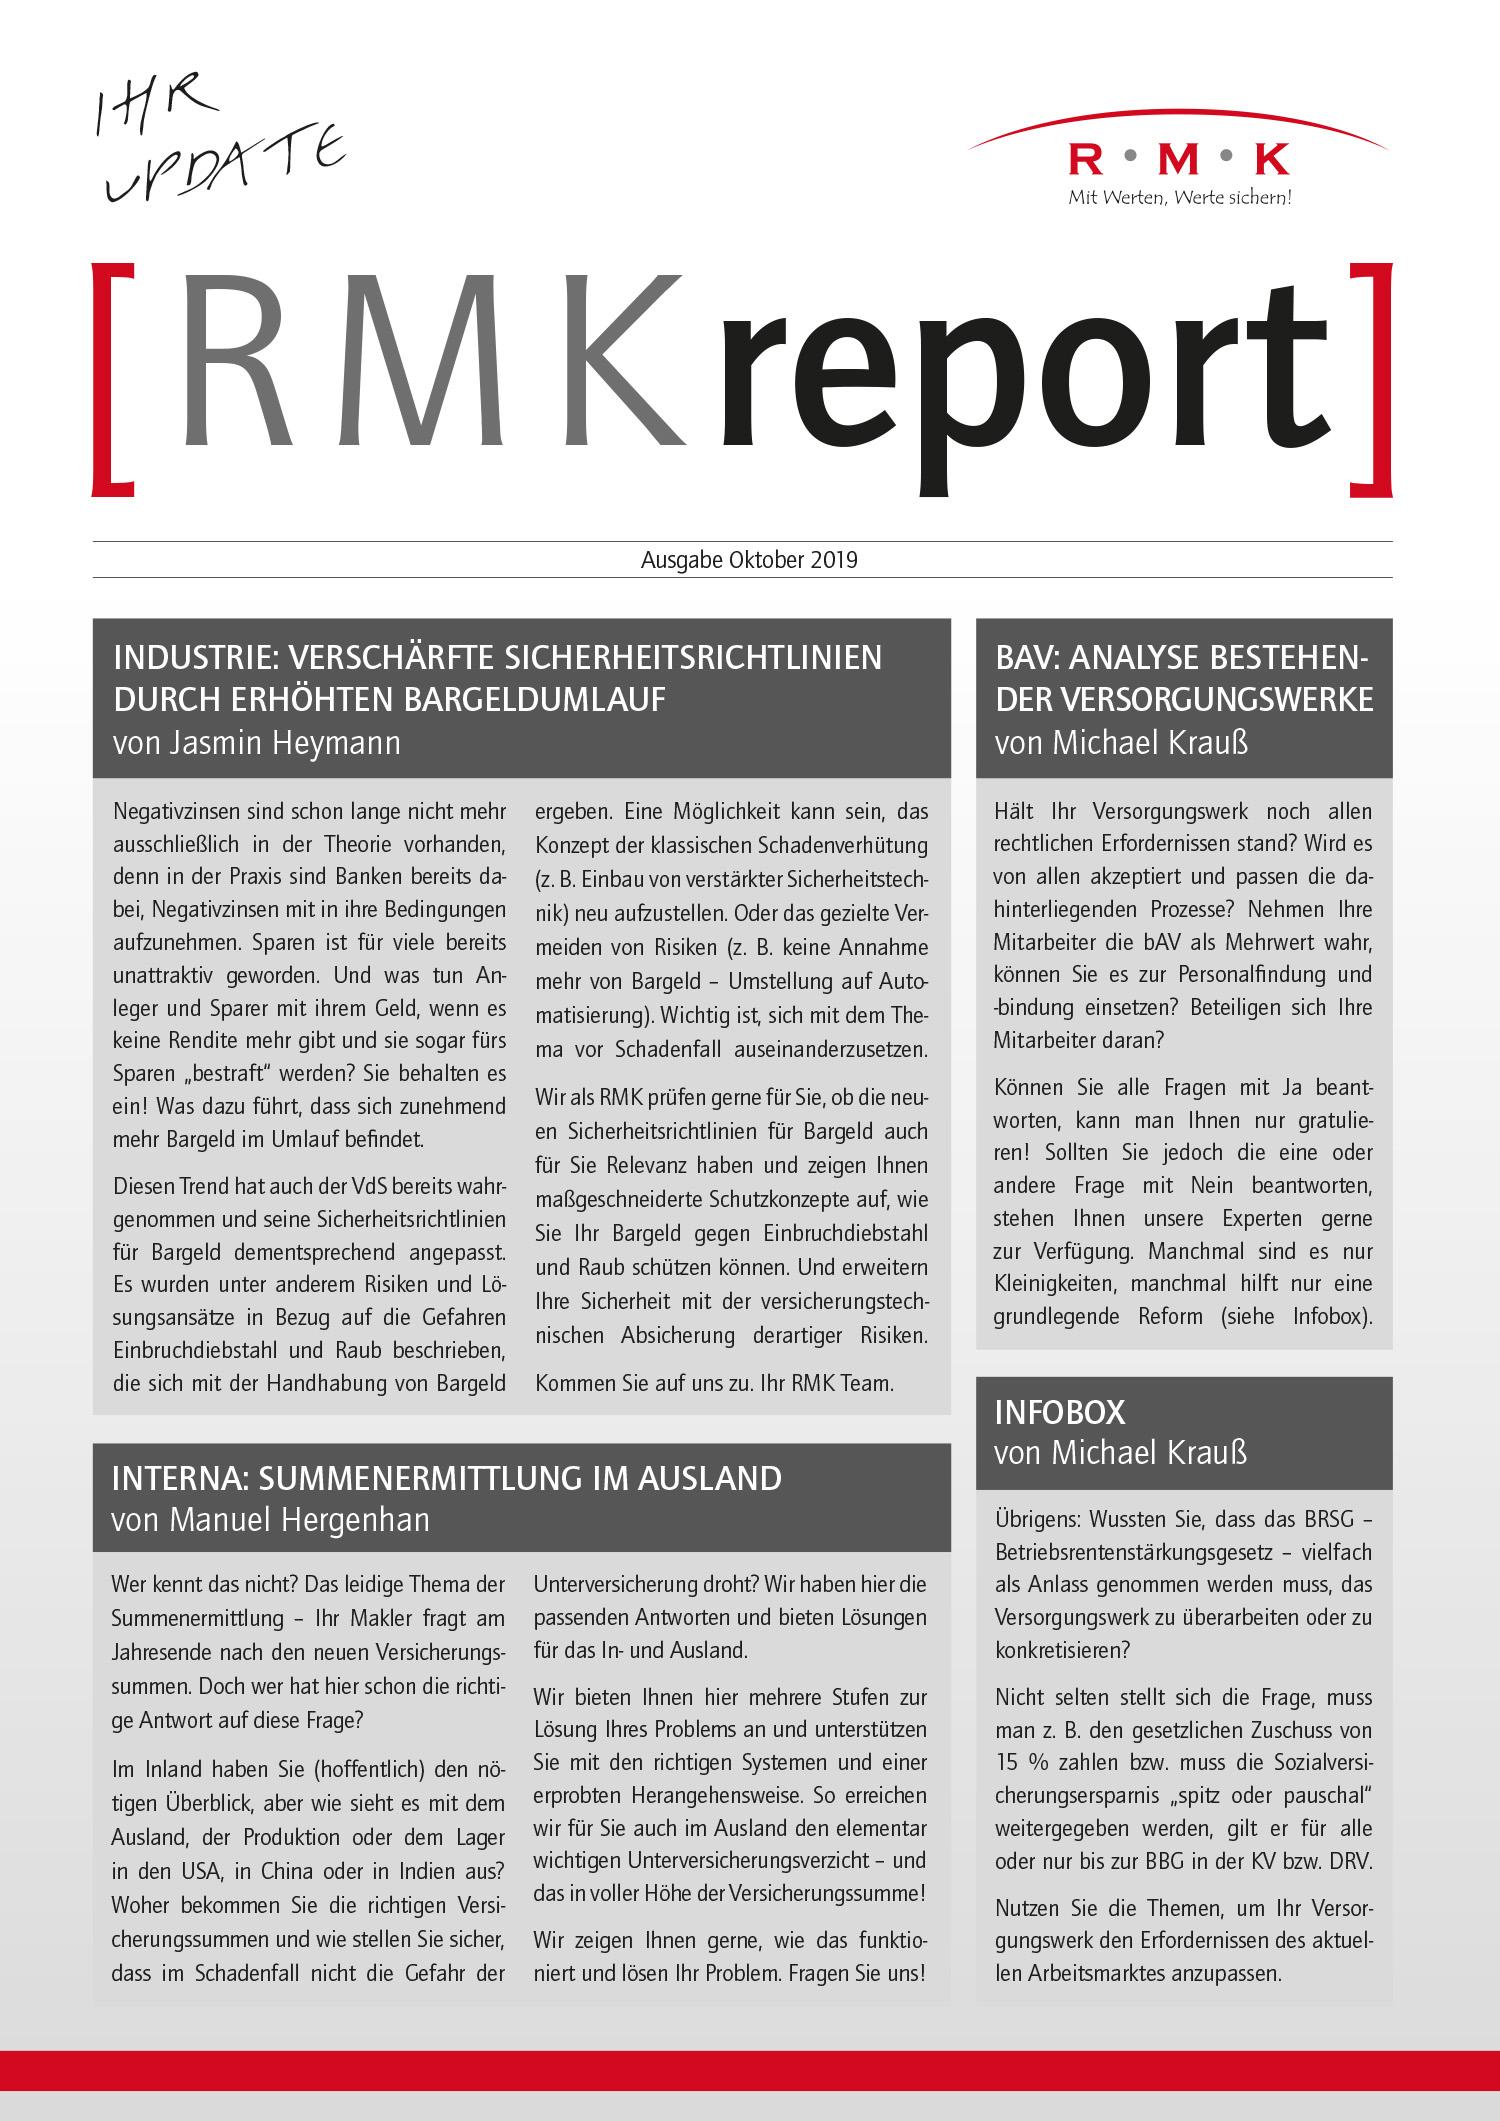 RMK-Report Oktober 2019